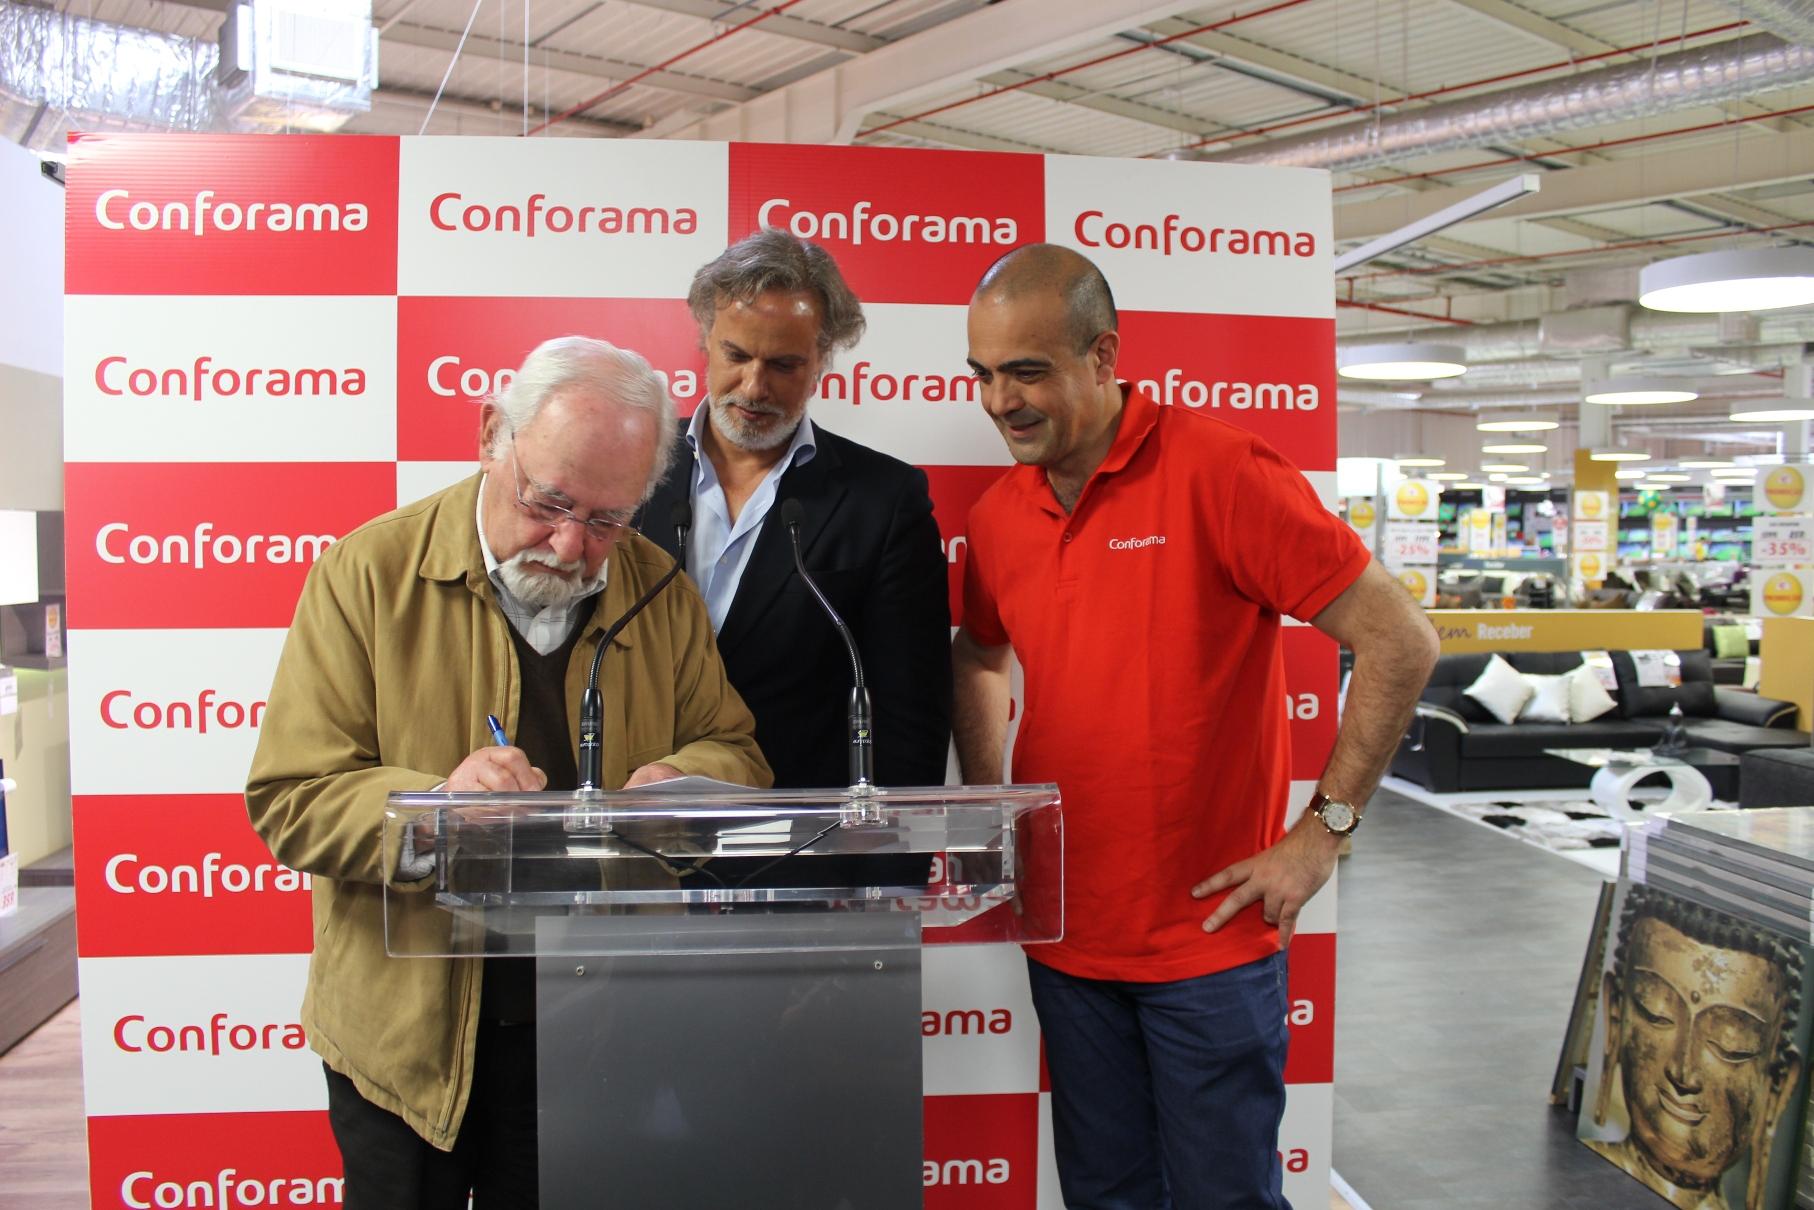 Ruy de Carvalo e Ricardo Carriço